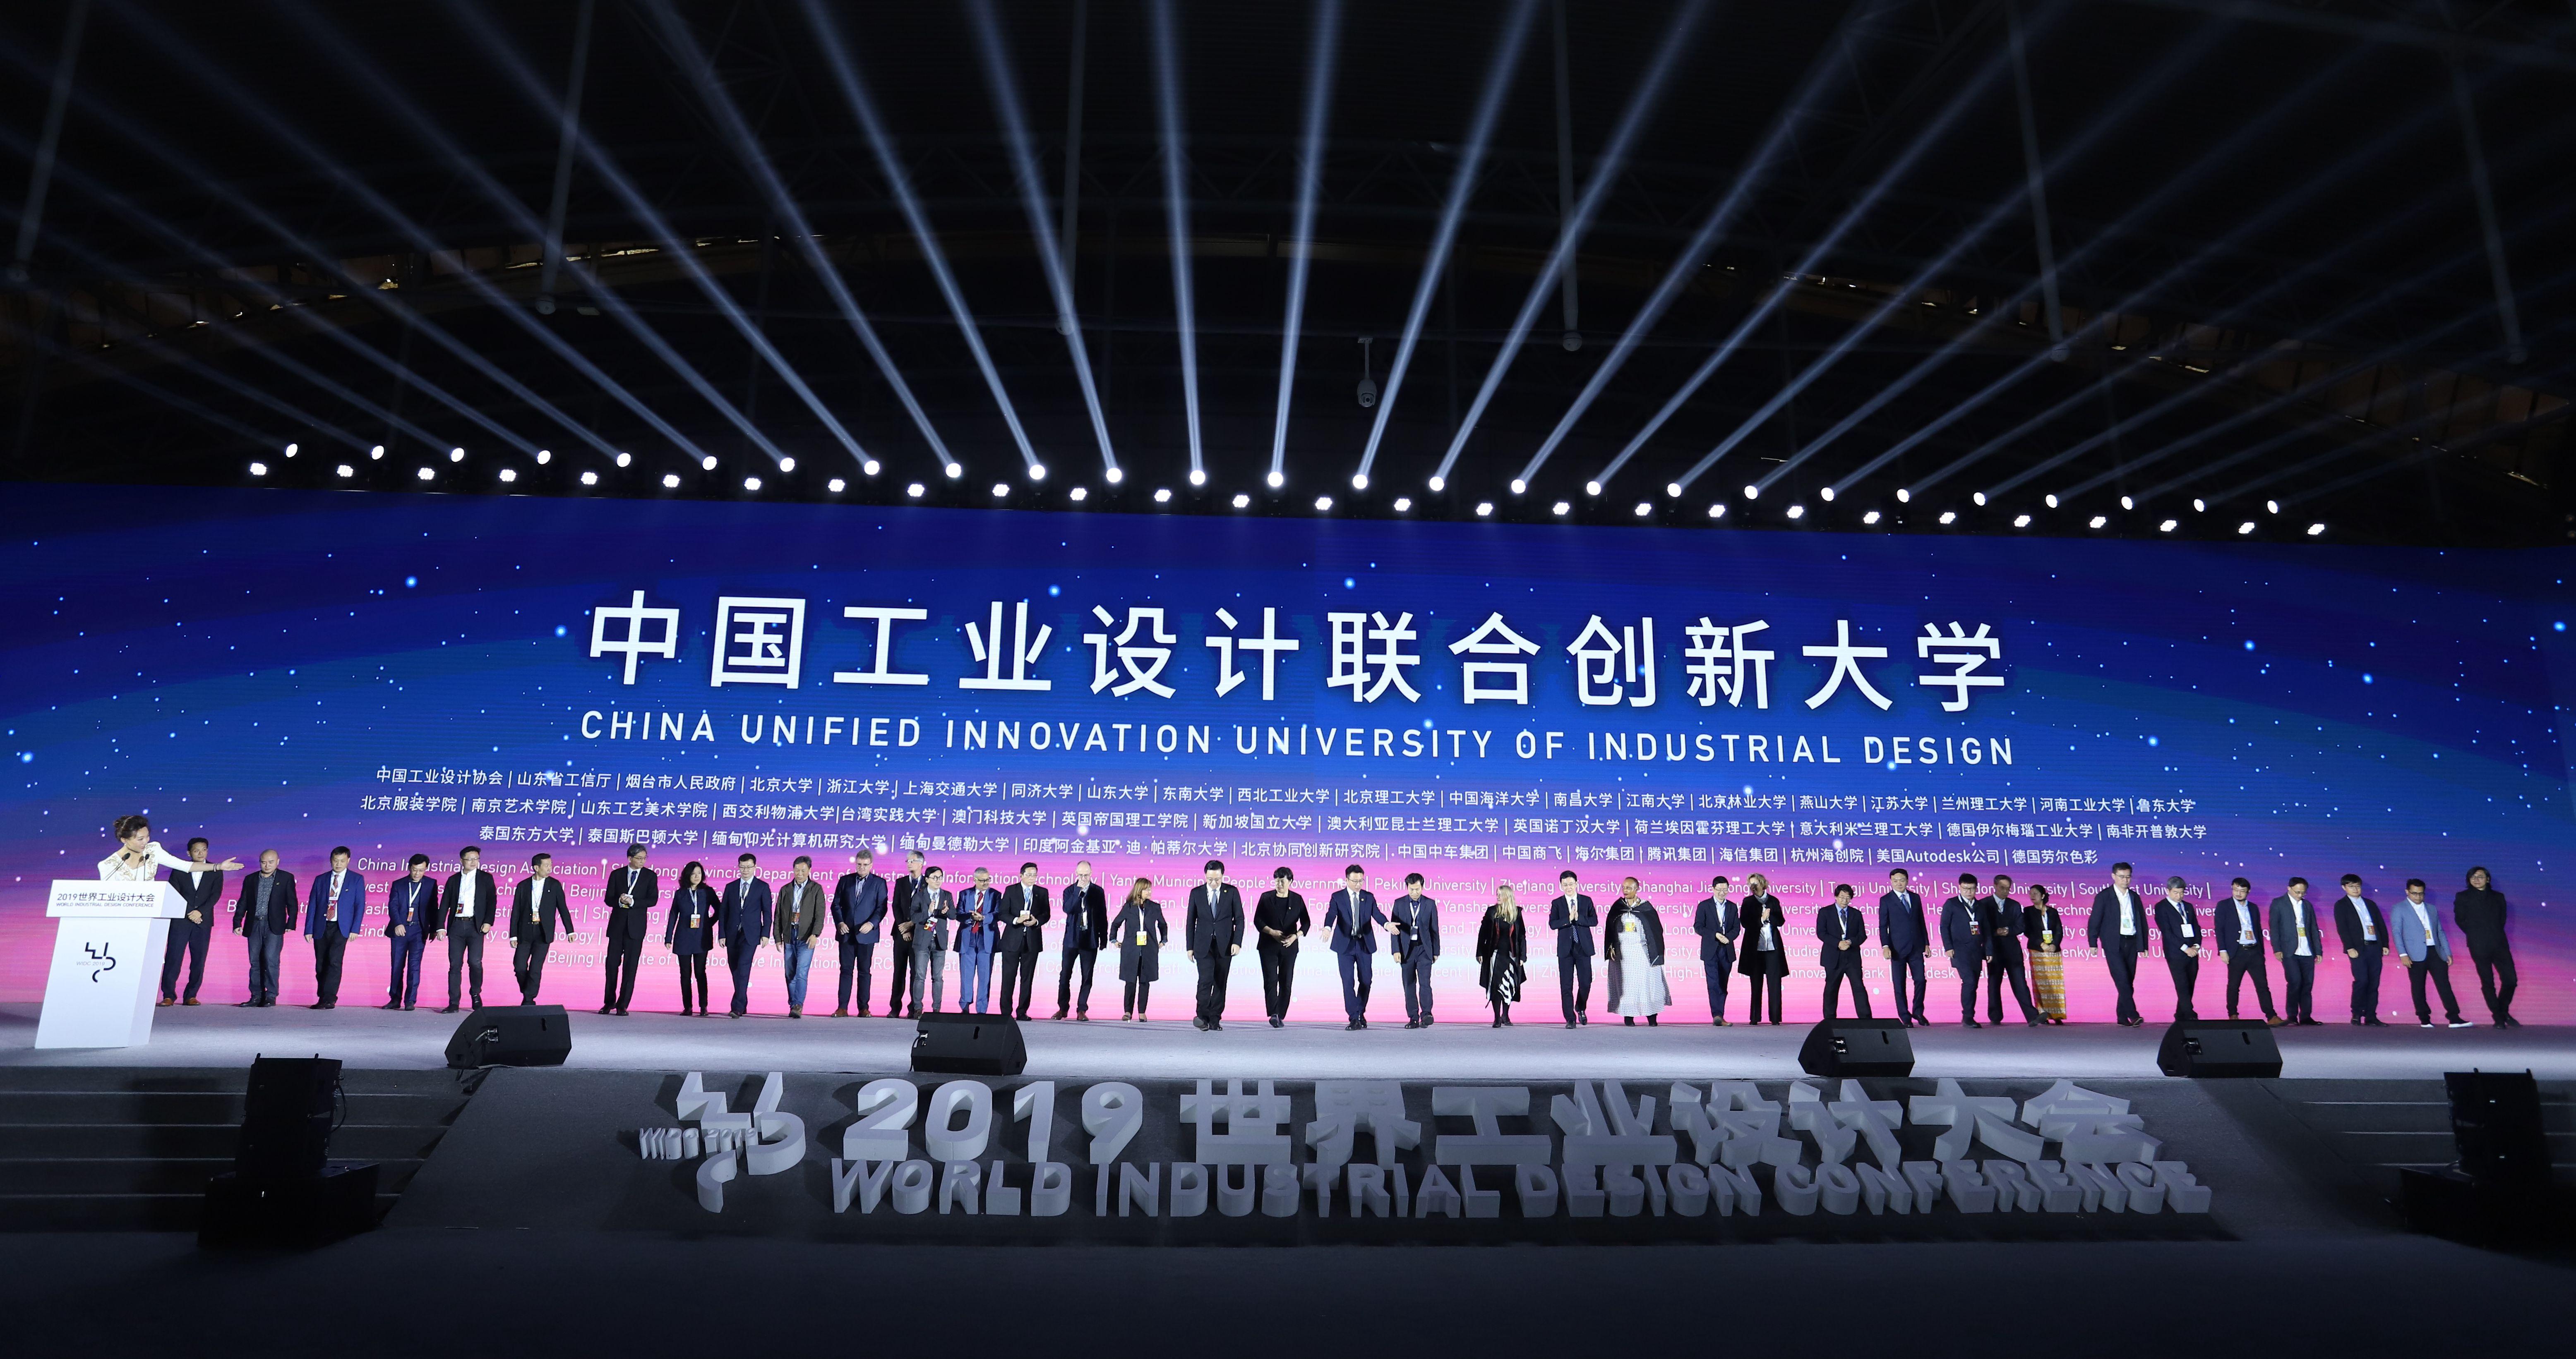 中国工业设计联合创新大学